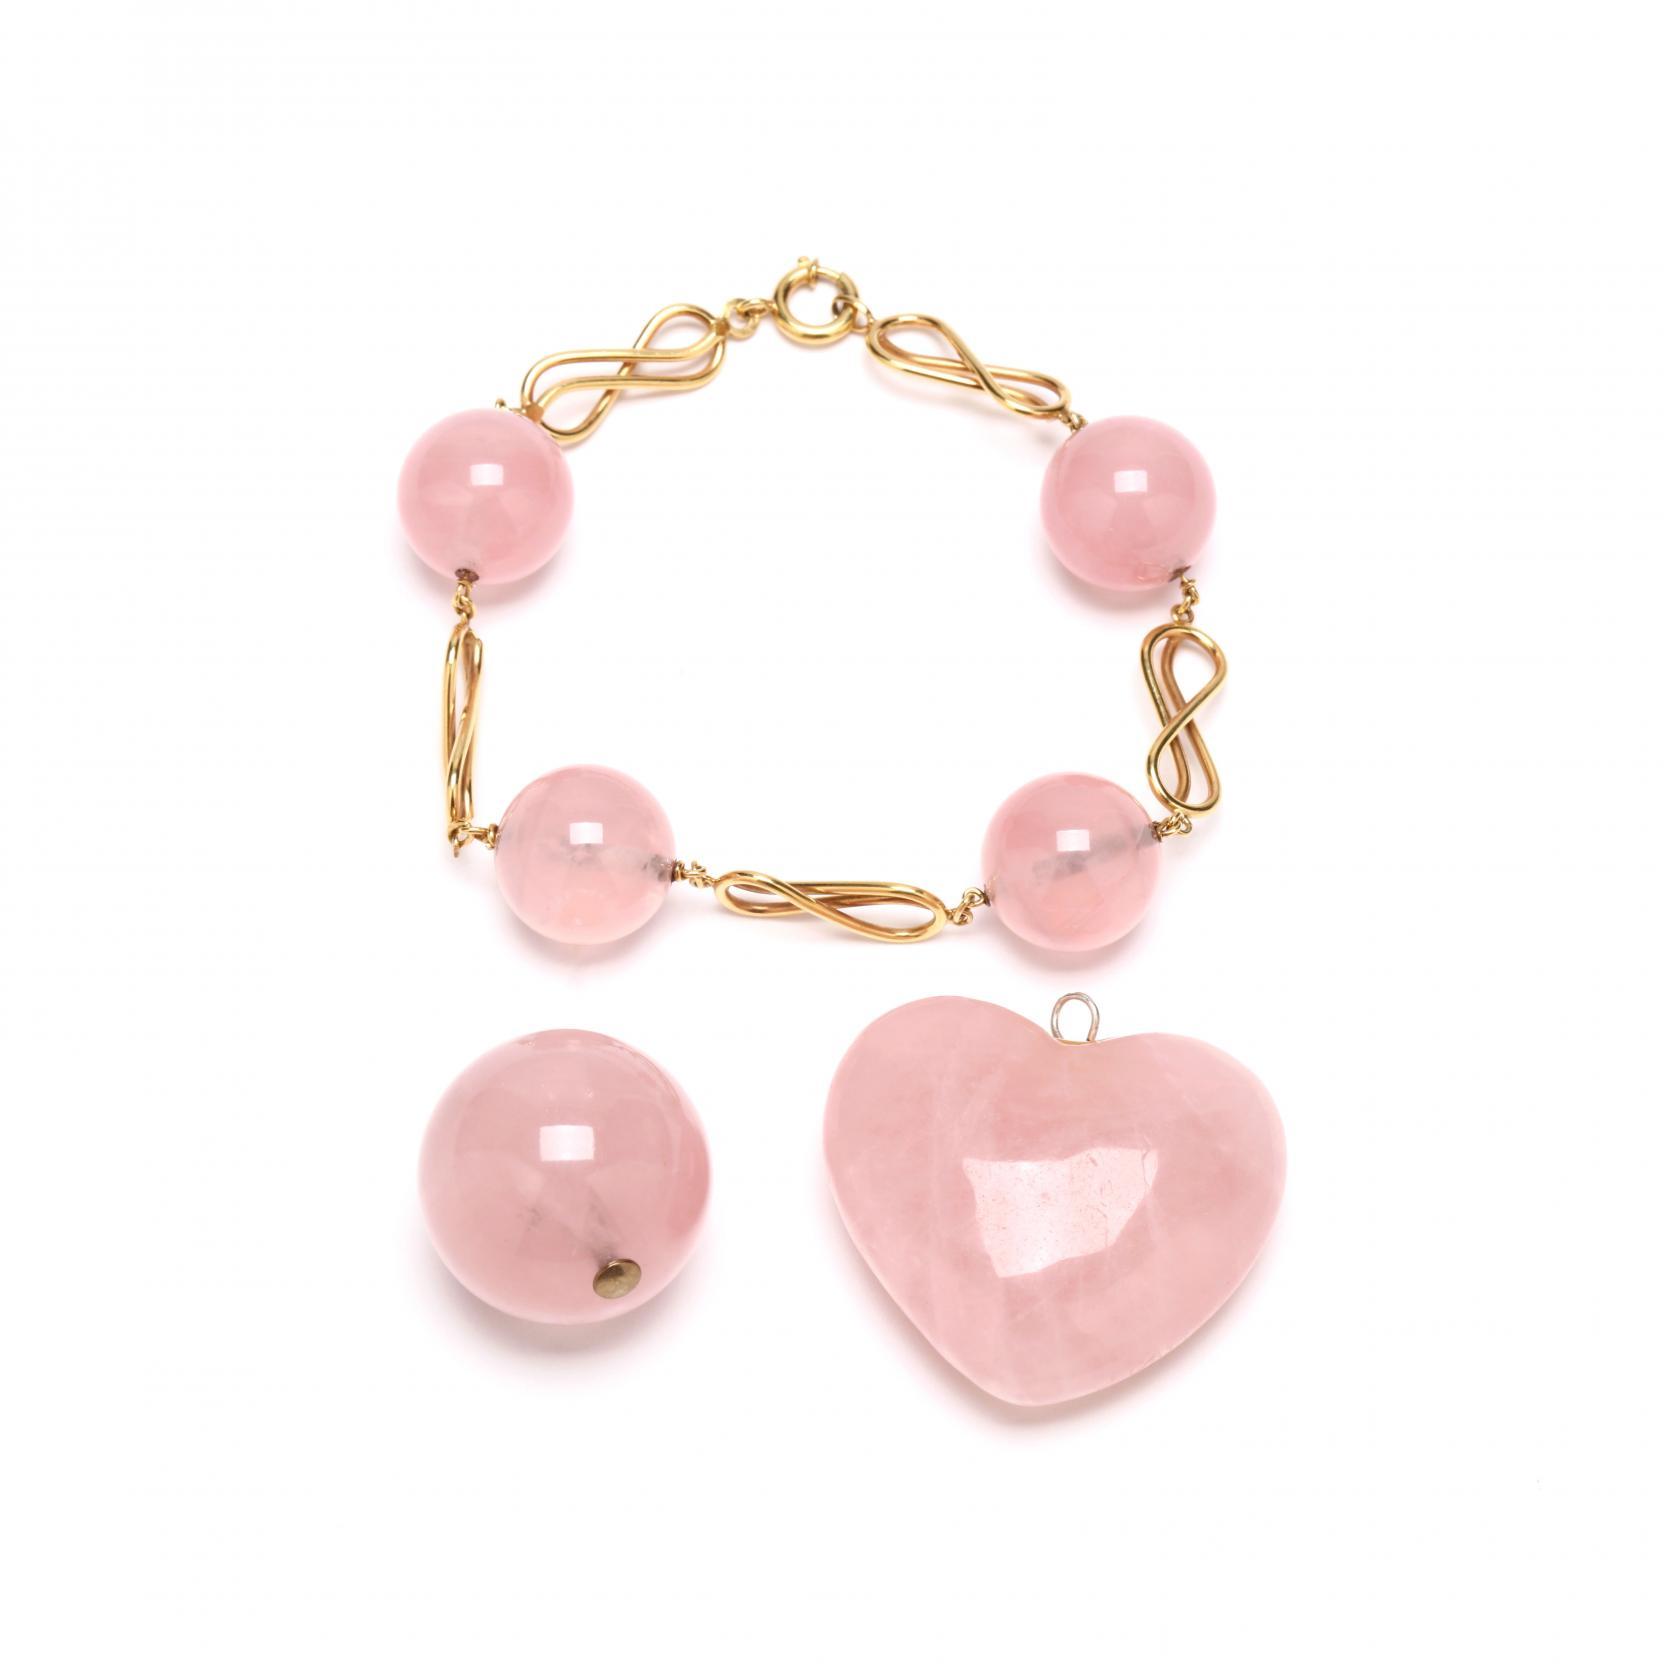 14kt-rose-quartz-bracelet-with-two-rose-quartz-pendants